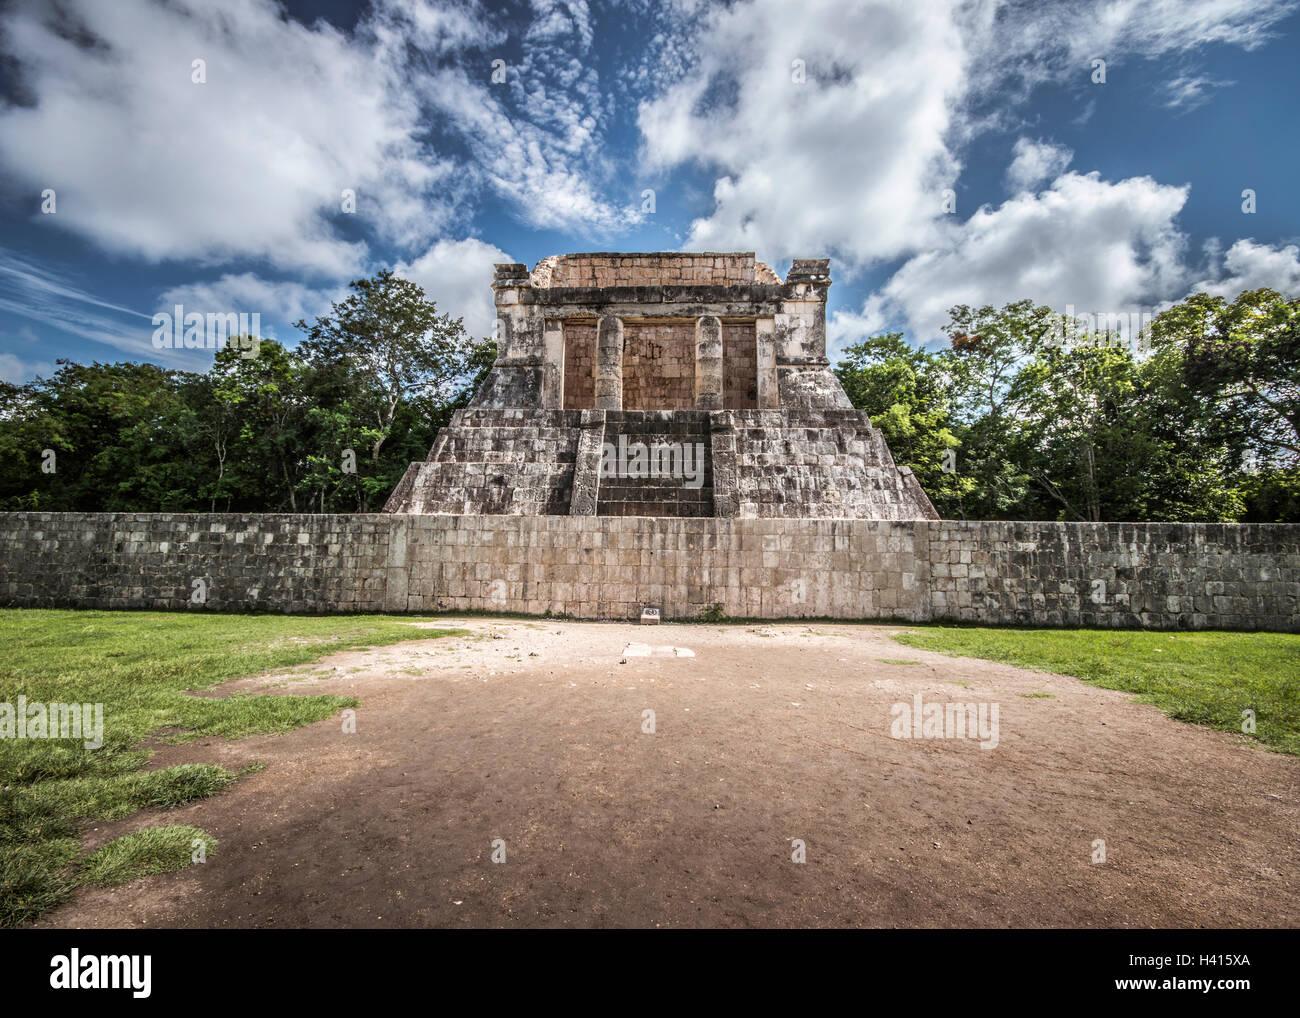 Tribune di gioco della palla a Chichen Itza (Messico) Immagini Stock